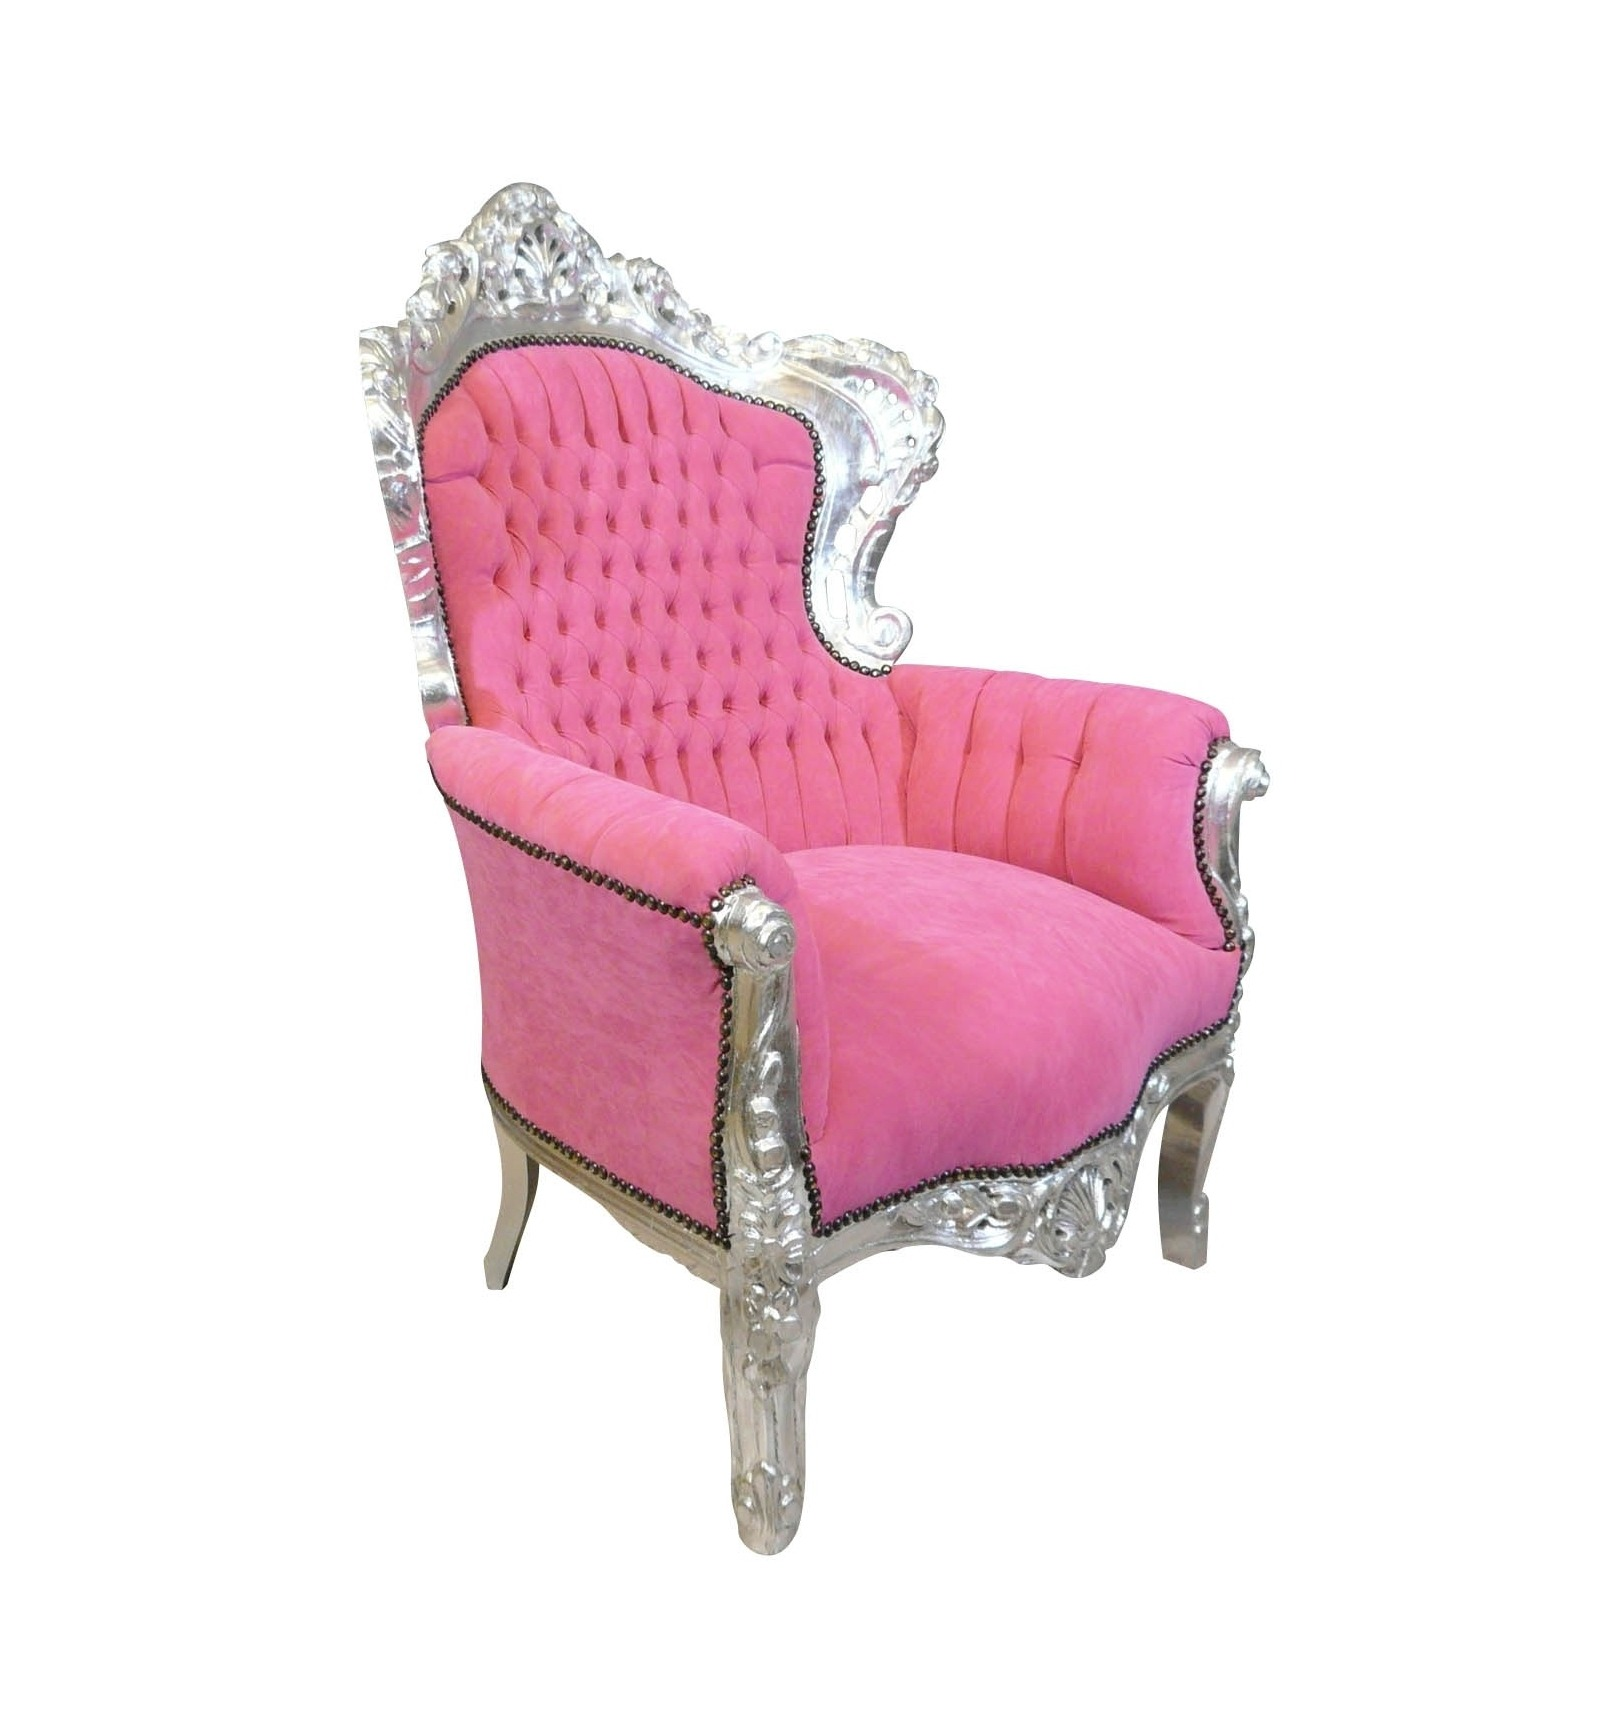 sessel barock rosa stuhl tisch m bel. Black Bedroom Furniture Sets. Home Design Ideas